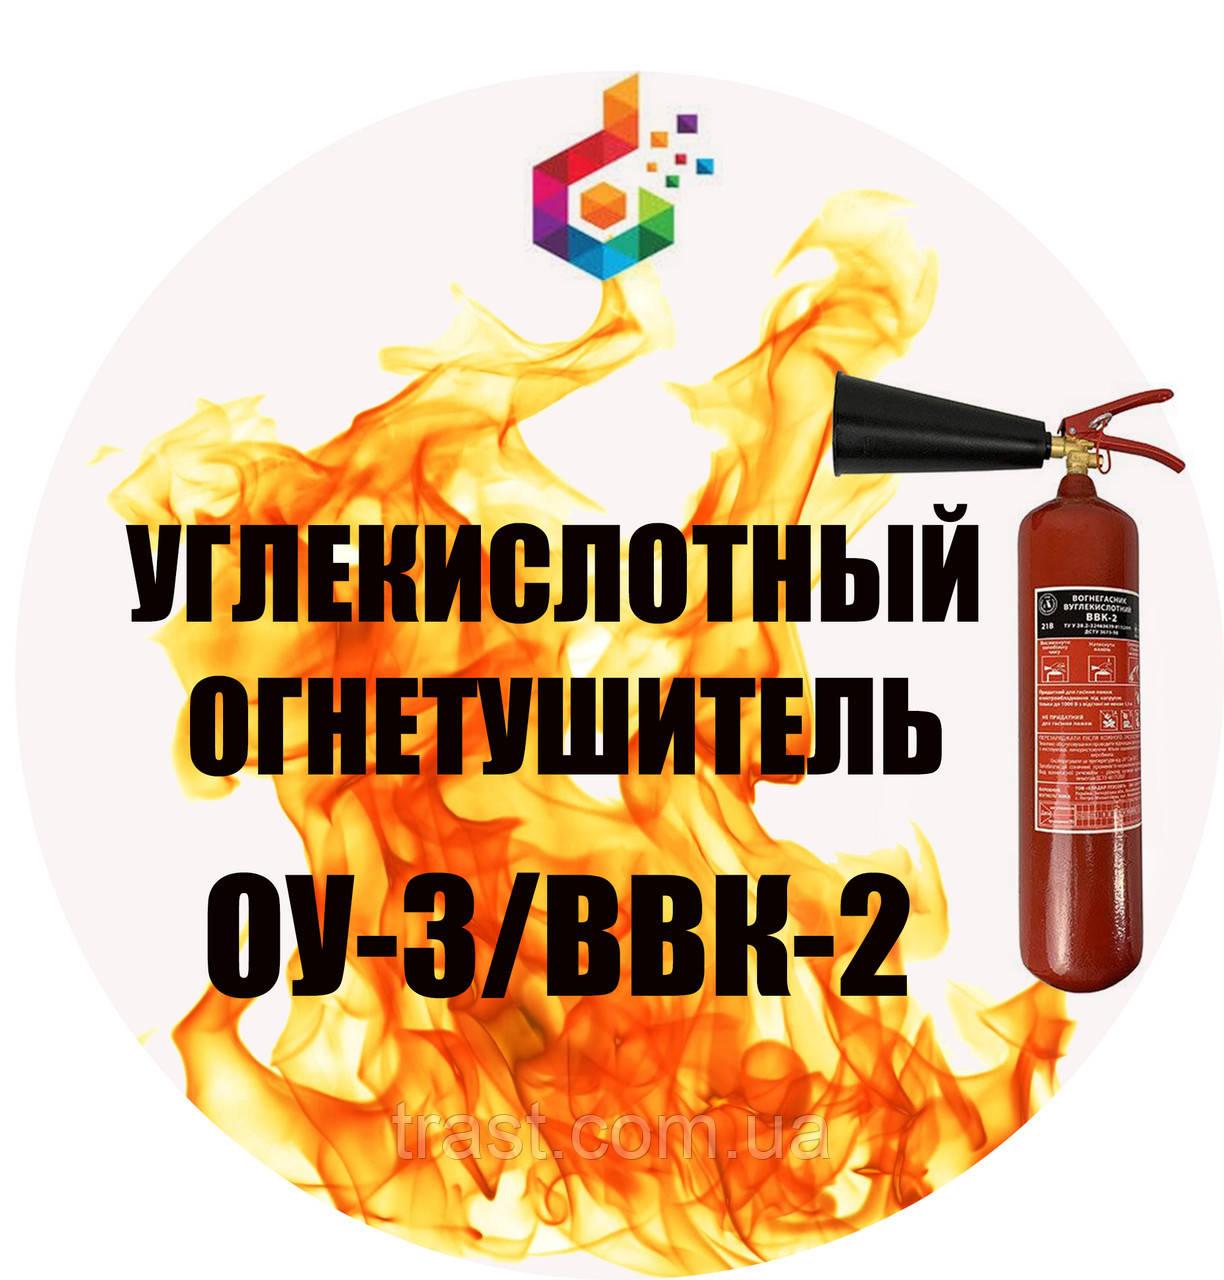 Огнетушитель углекислотный ВВК-2 (ОУ-3)